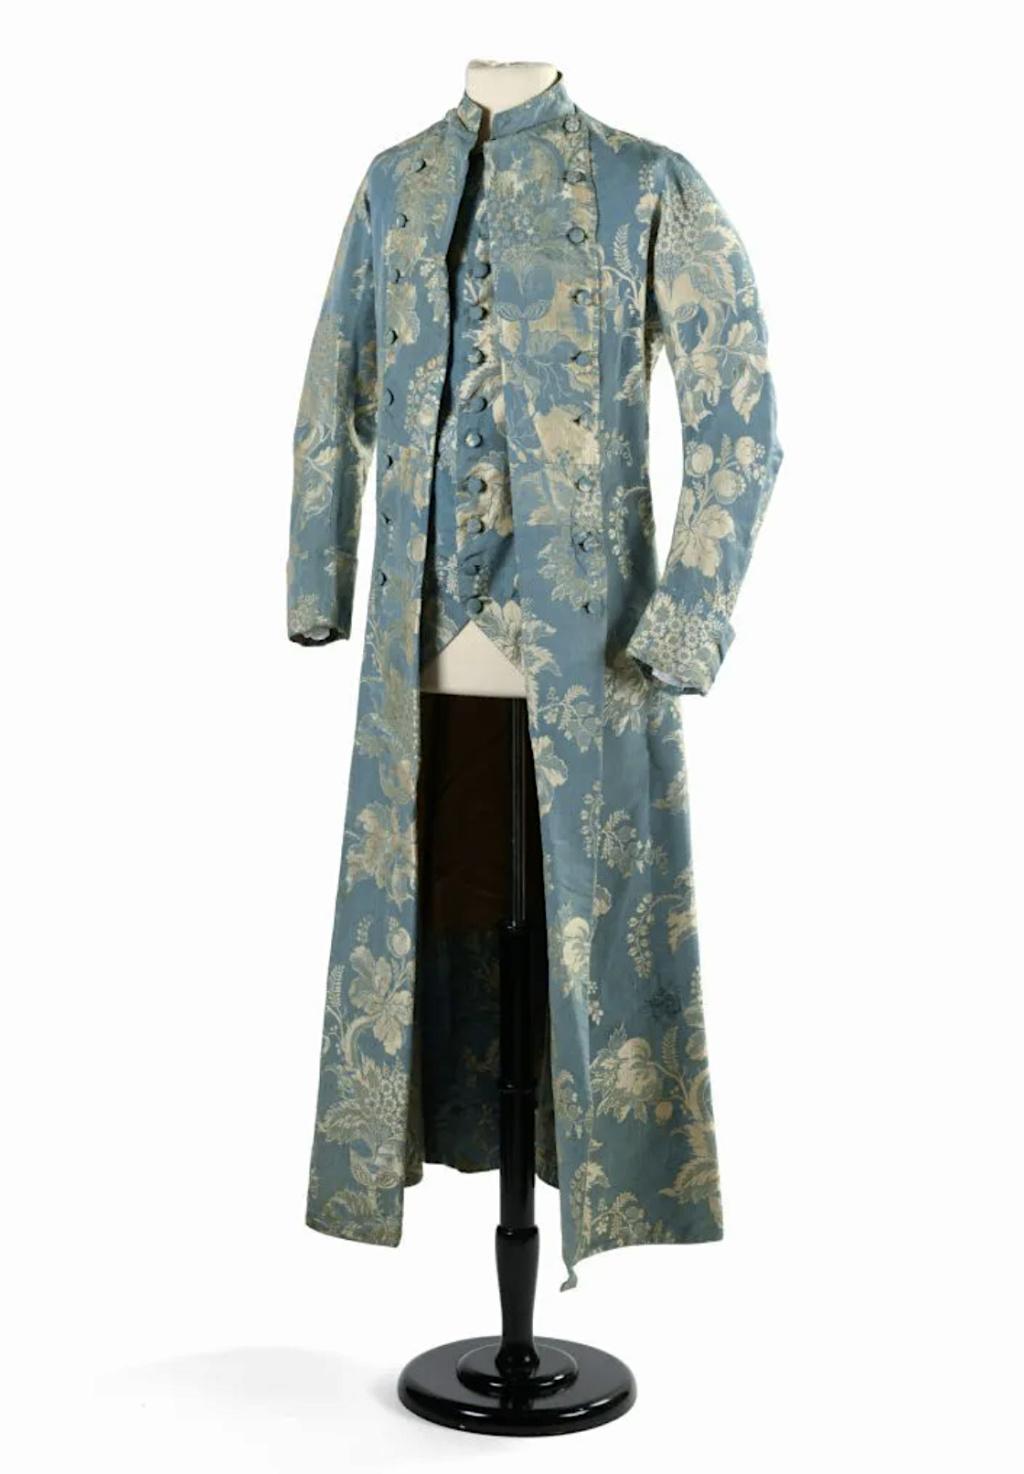 Manteau d'intérieur et robe de chambre pour les hommes au XVIIIe siècle - Page 2 Mantea10